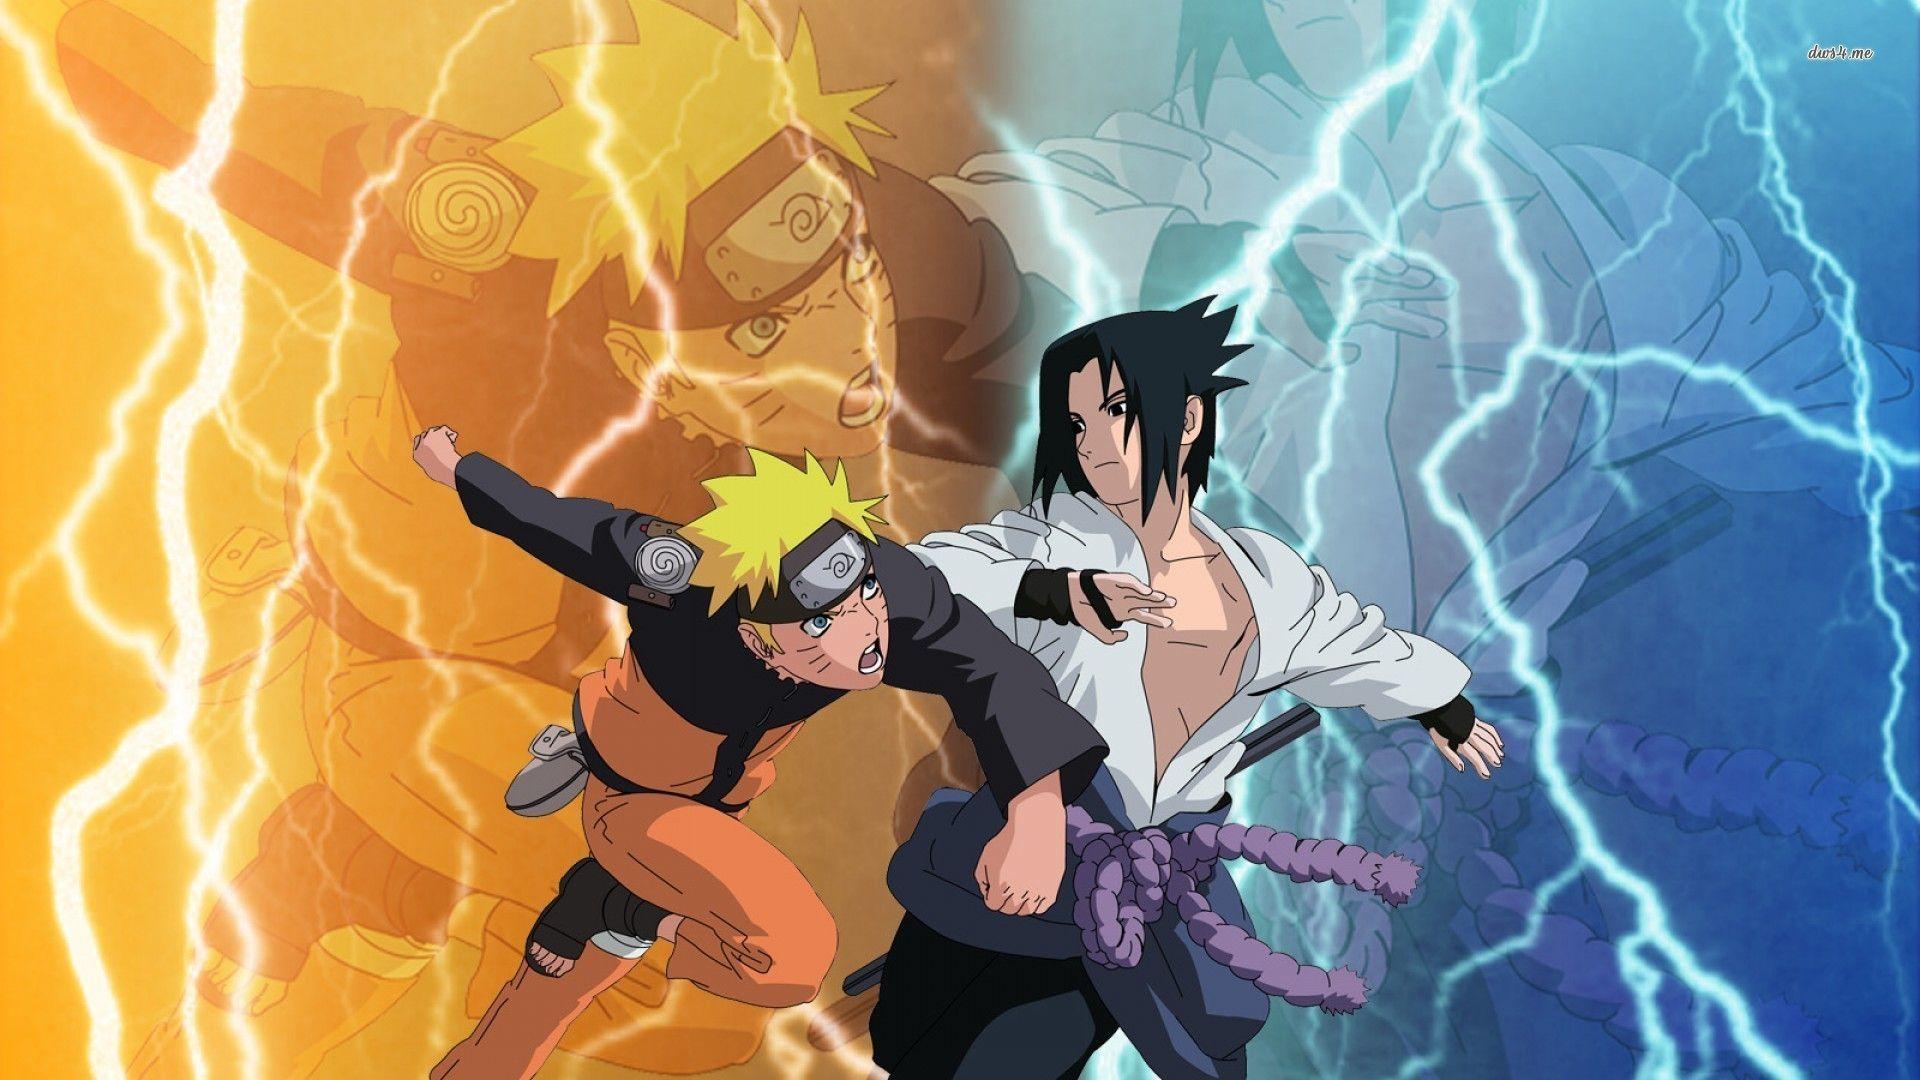 Sasuke Uchiha Vs Naruto Uzumaki Shippuden Wallpapers